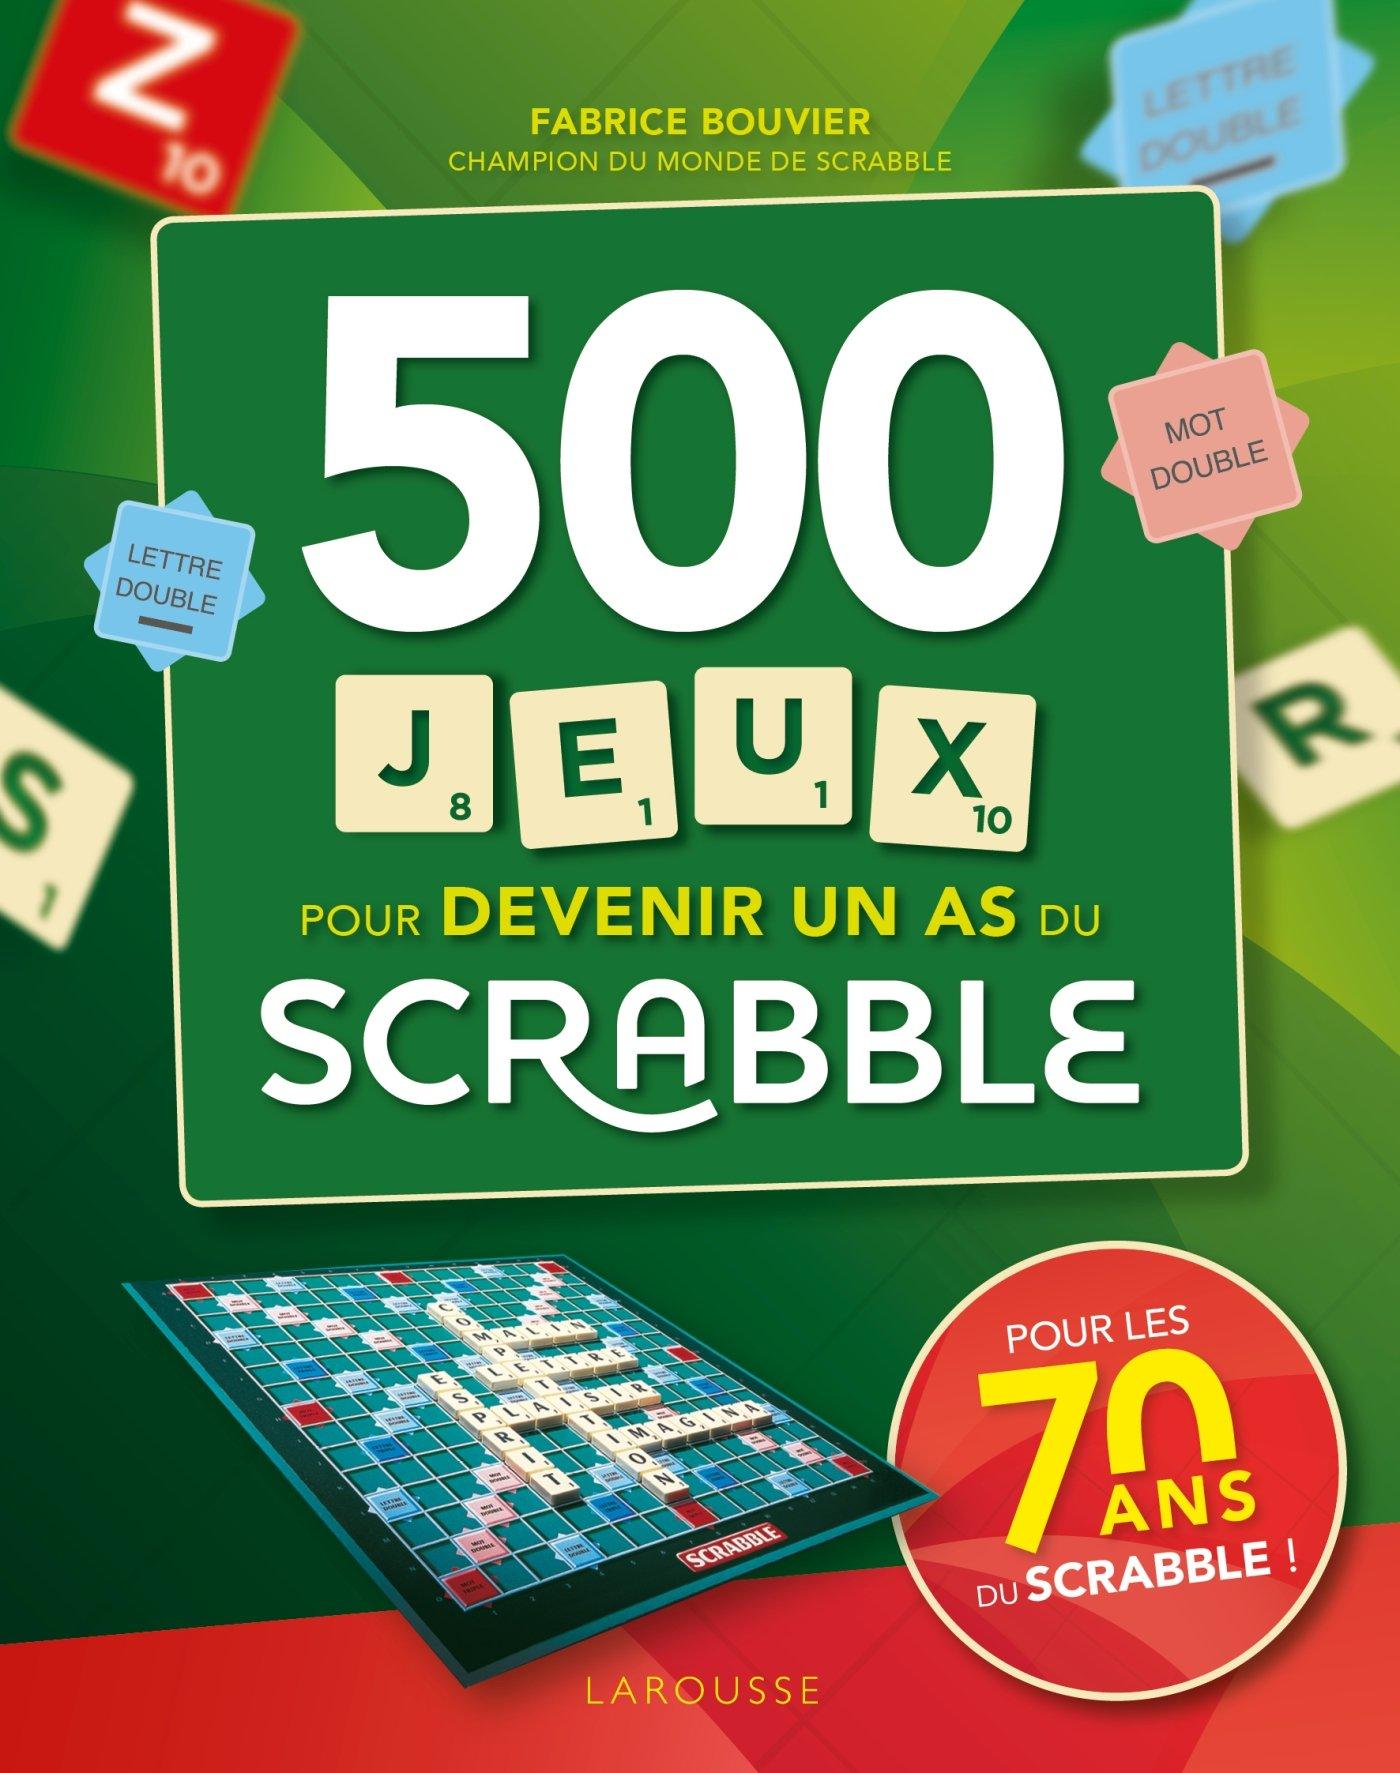 Scrabble 500 jeux pour devenir un as du scrabble Hors Collection - Scrabble: Amazon.es: Bouvier, Fabrice: Libros en idiomas extranjeros